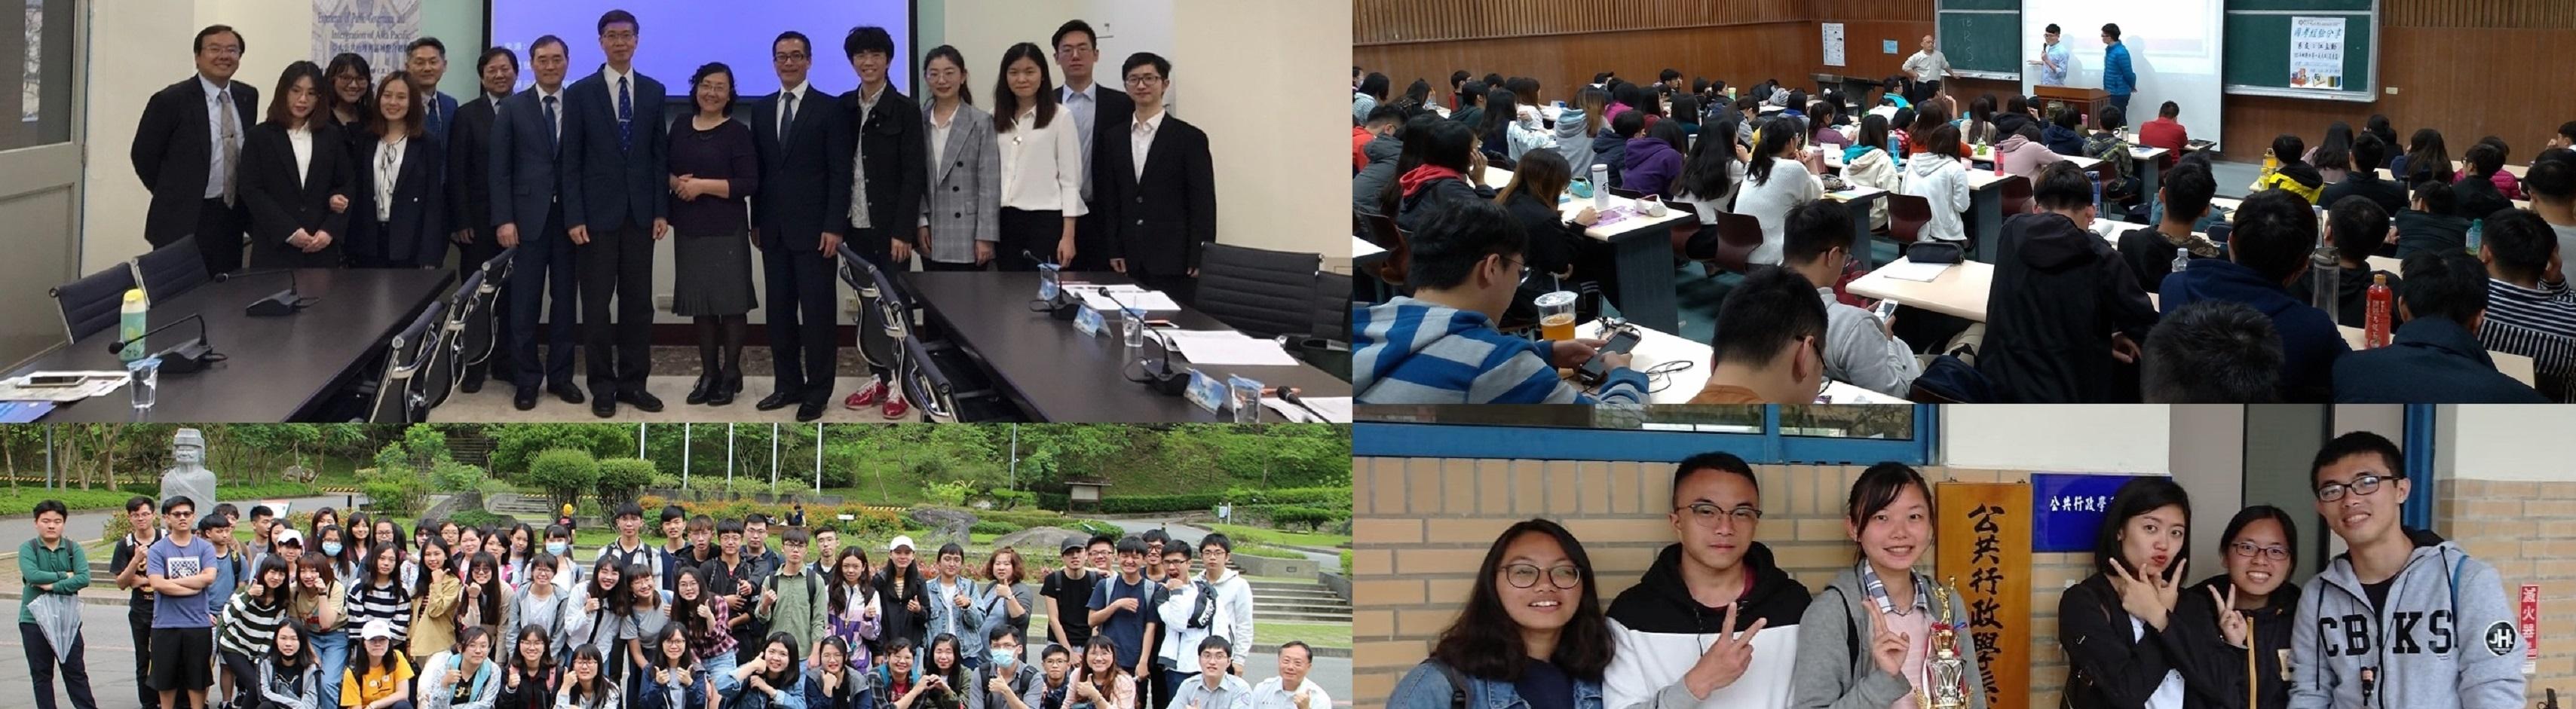 公共行政學系107學年度第2學期重點活動